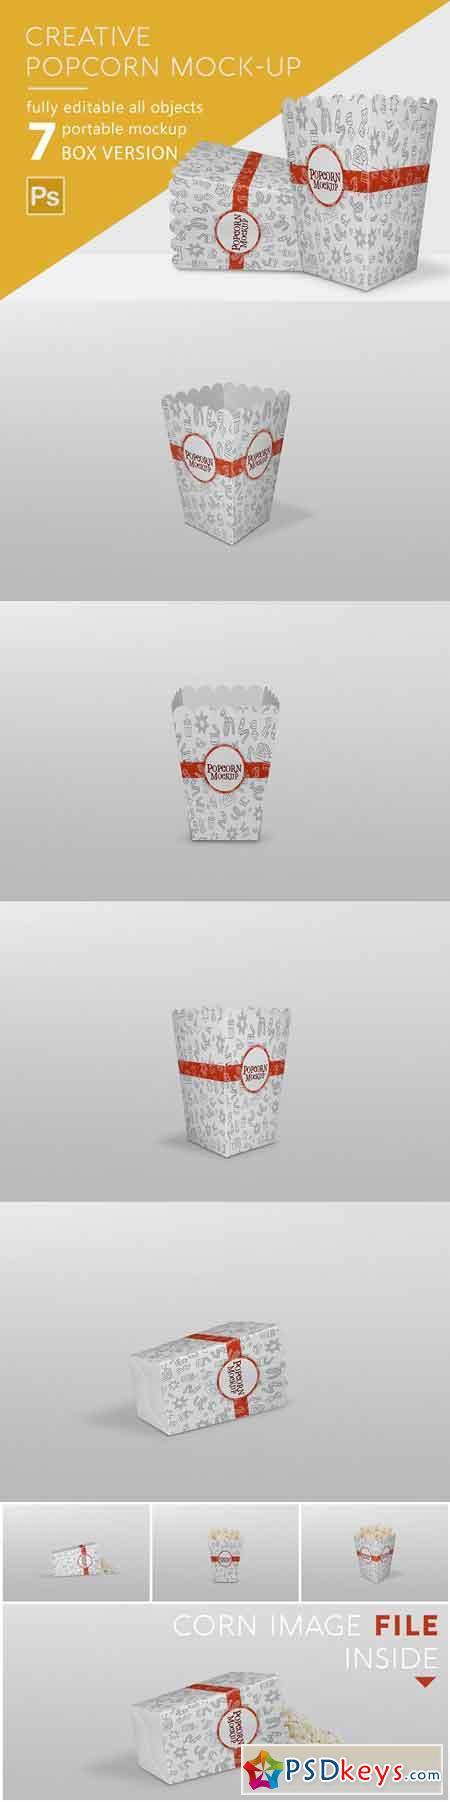 Popcorn Mockup 2881215